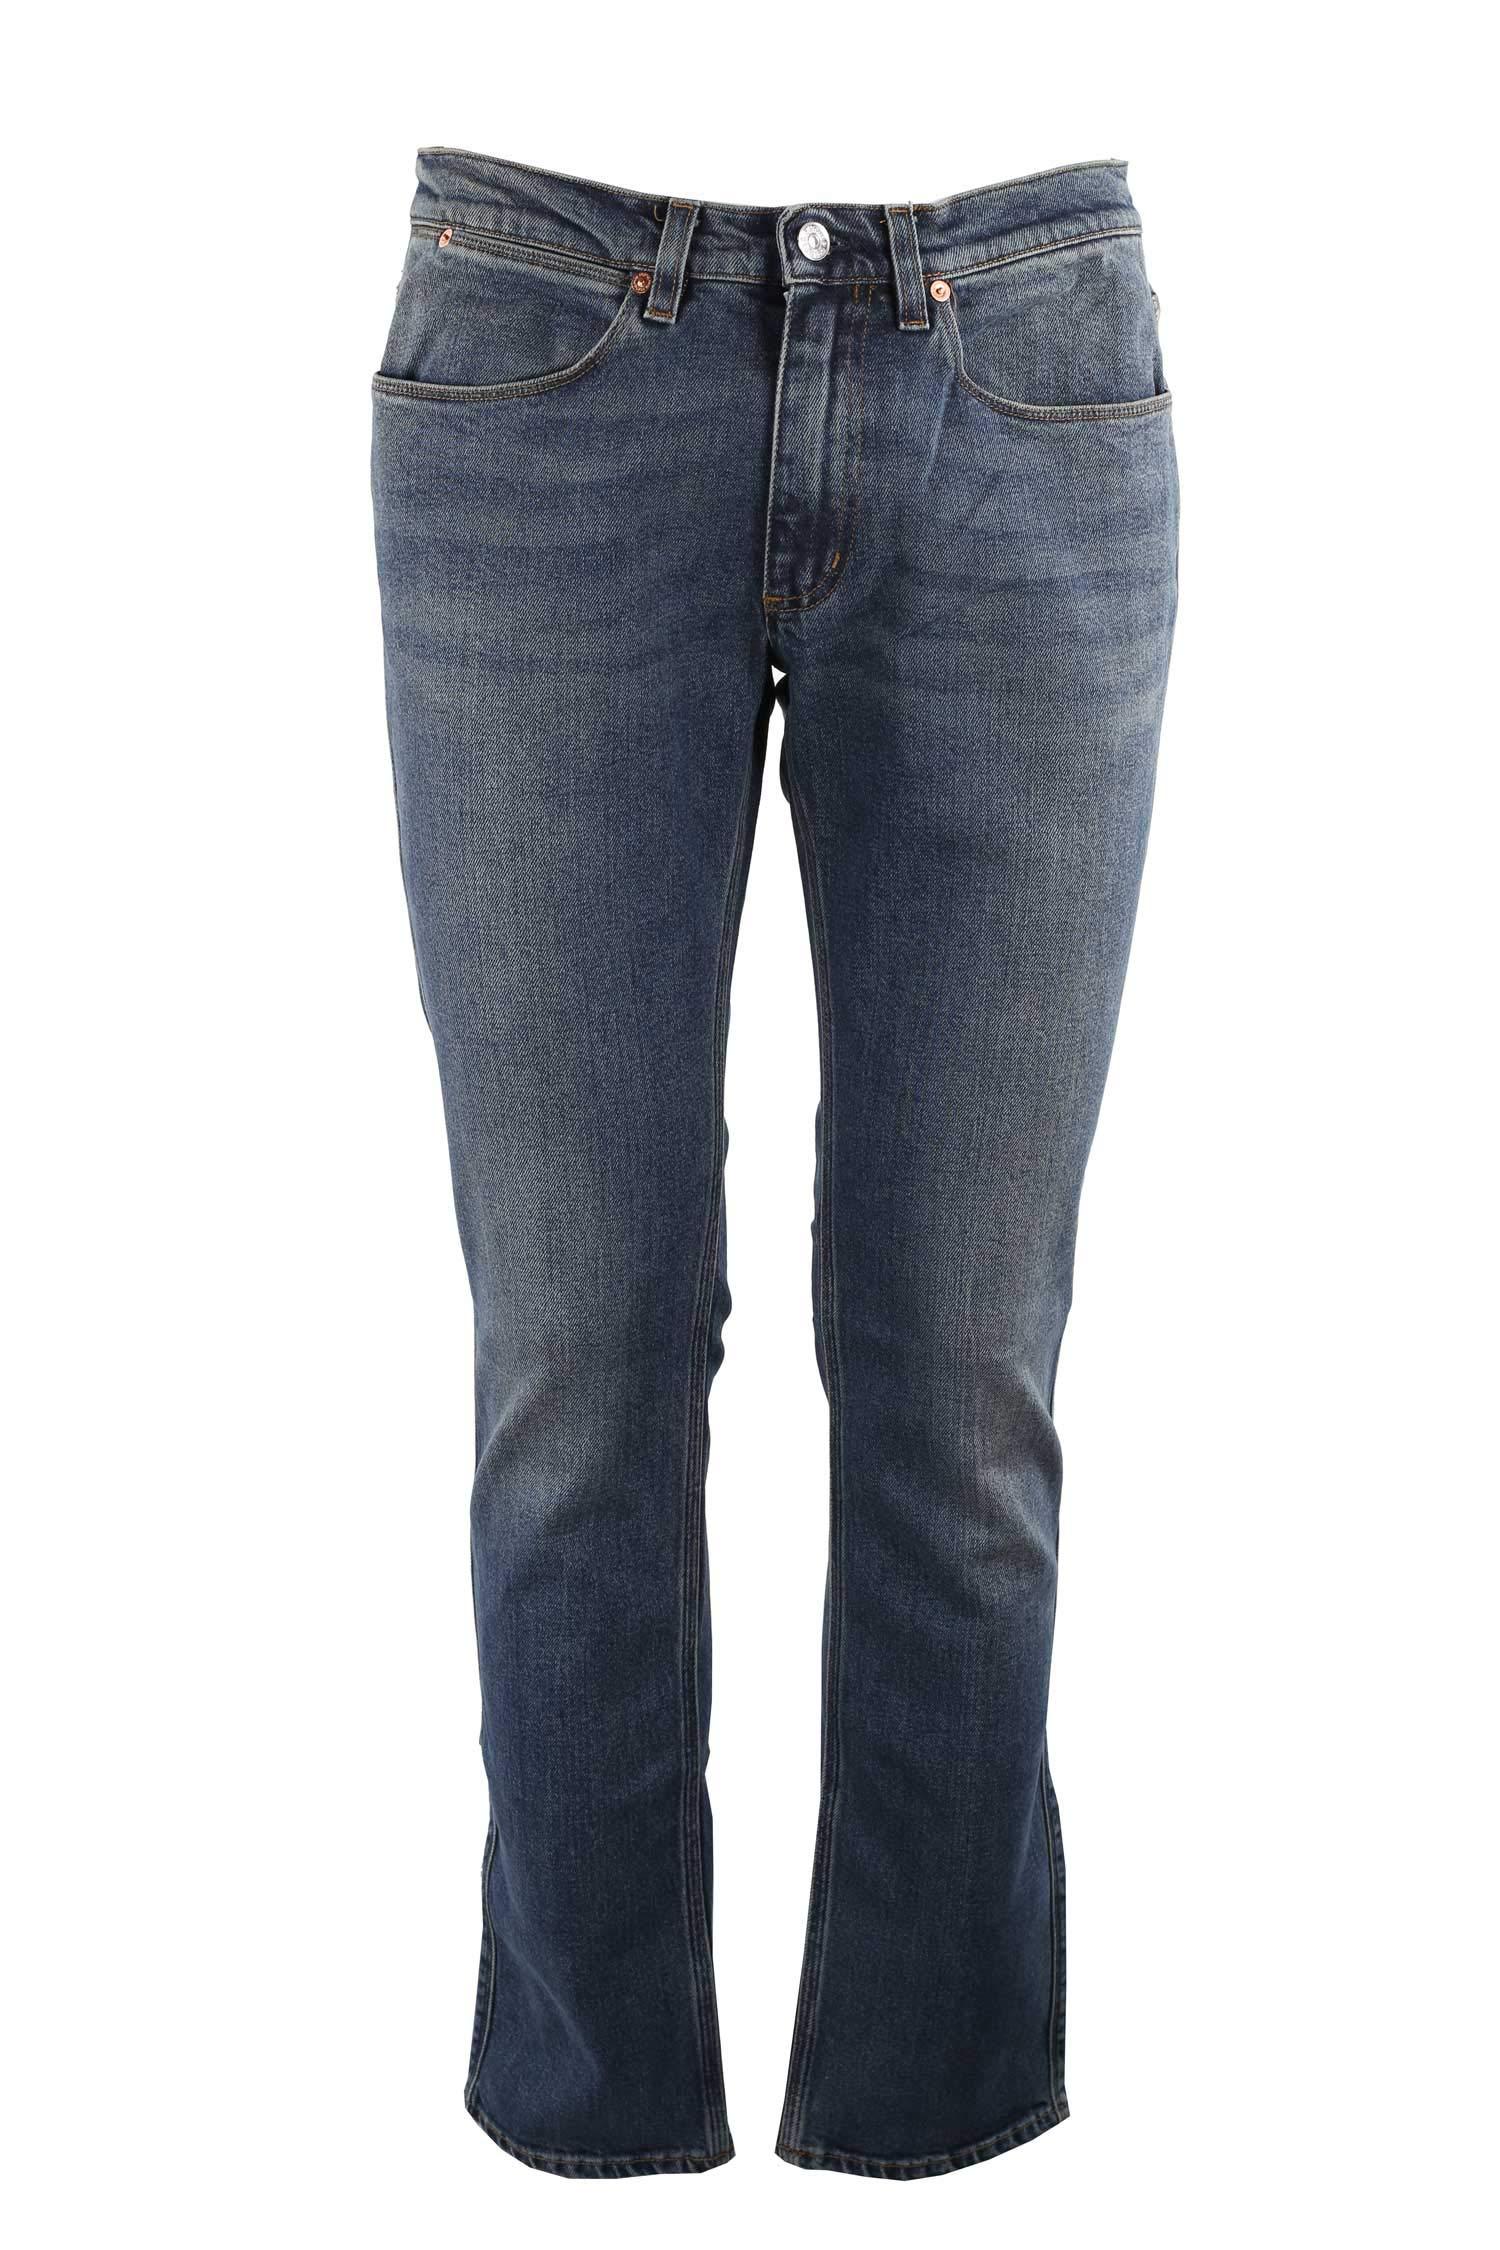 Acne Jeans – Skandinavischer Geist mit minimalistischen Design